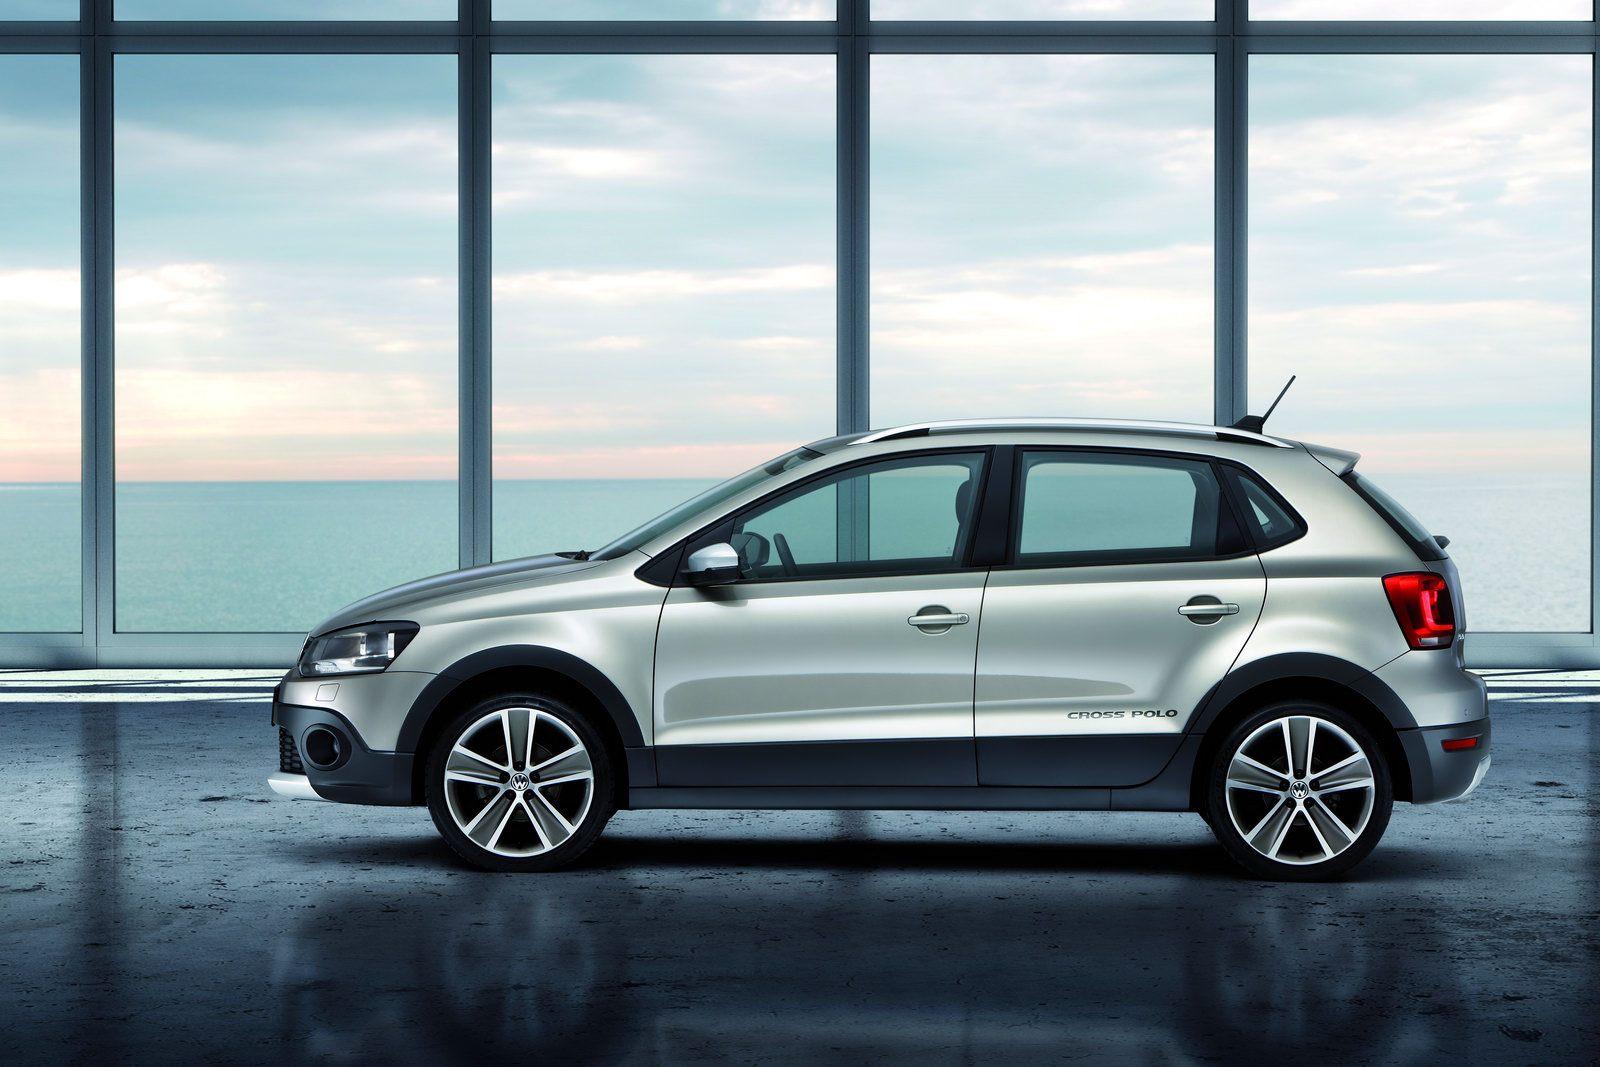 2011-Volkswagen-CrossPolo-3